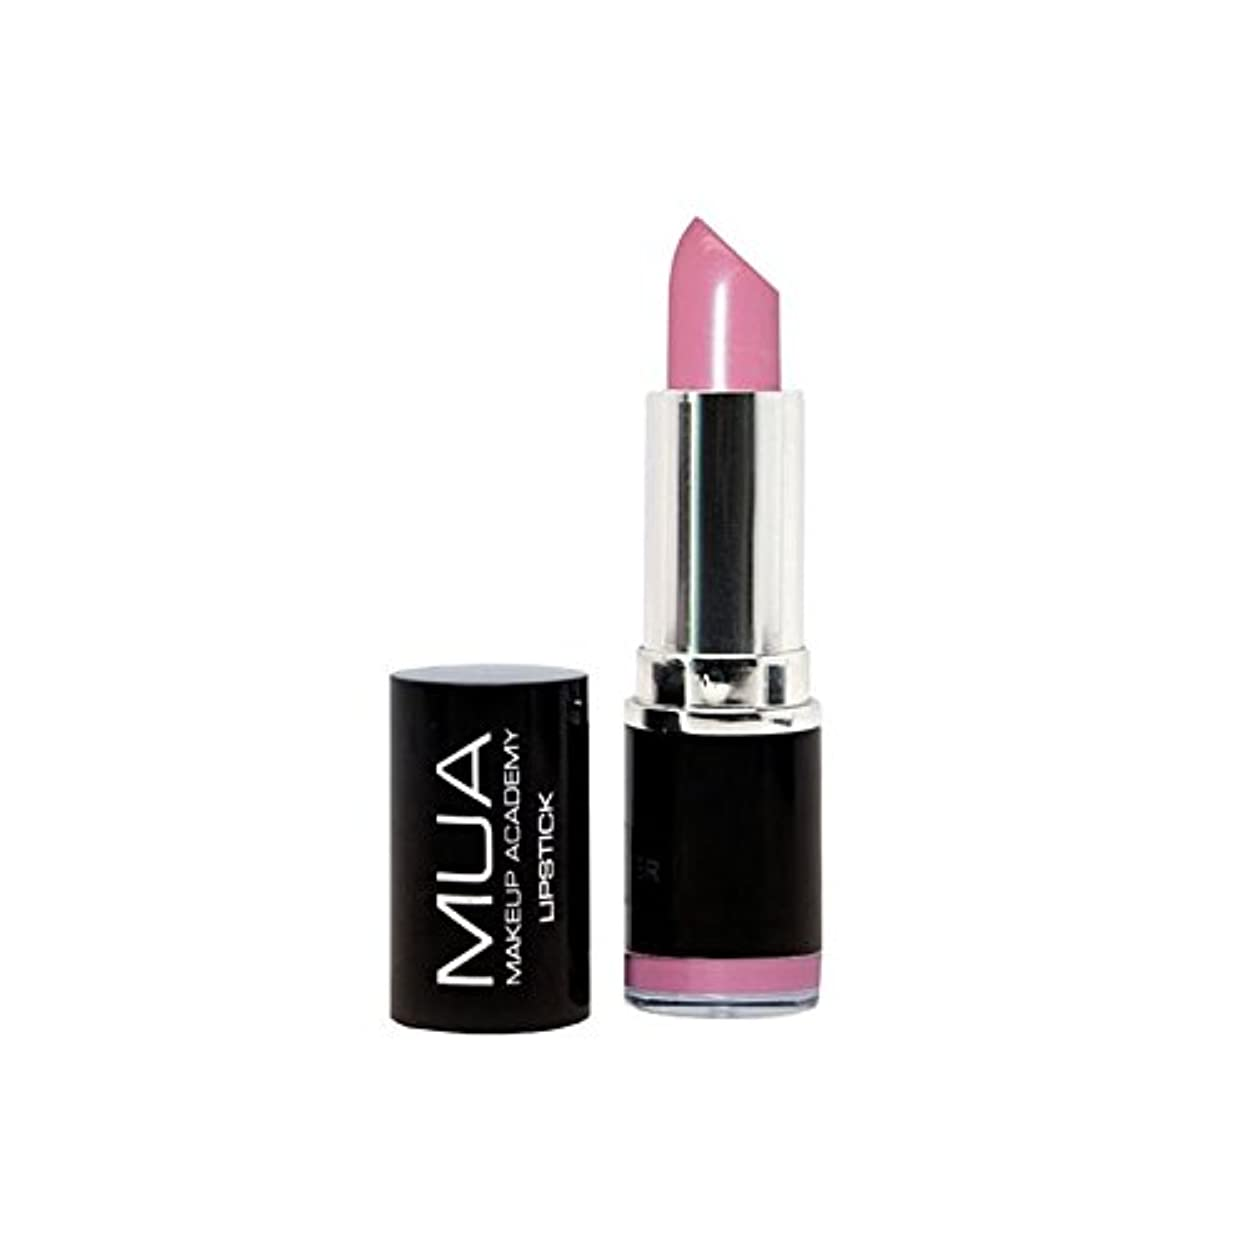 ワーディアンケース飛行機尊敬するの口紅 - チューリップ x2 - MUA Lipstick - Tulip (Pack of 2) [並行輸入品]